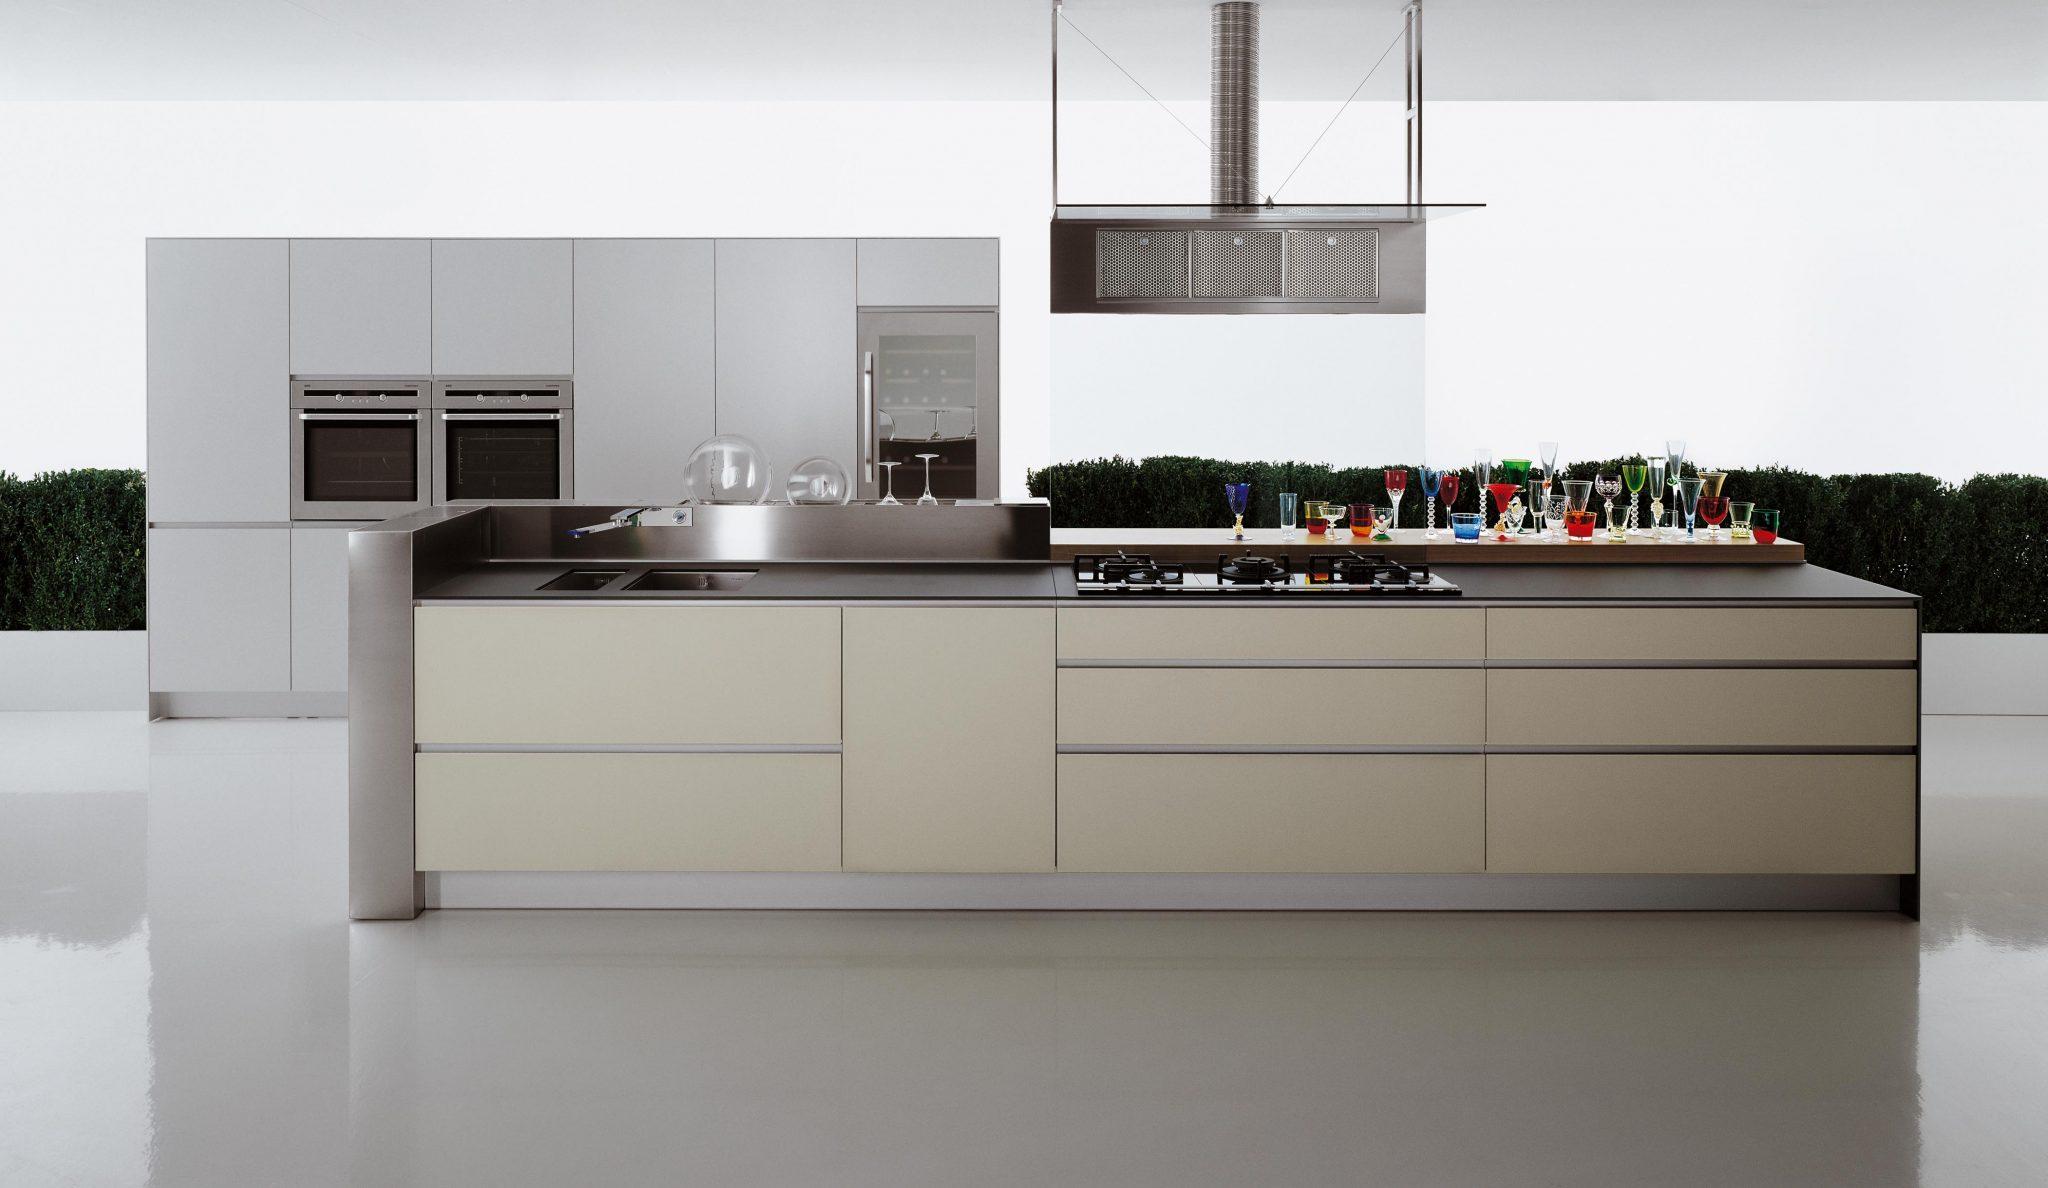 Valcucine italiaanse keukens rikken keukens - Onderwerp deco design keuken ...